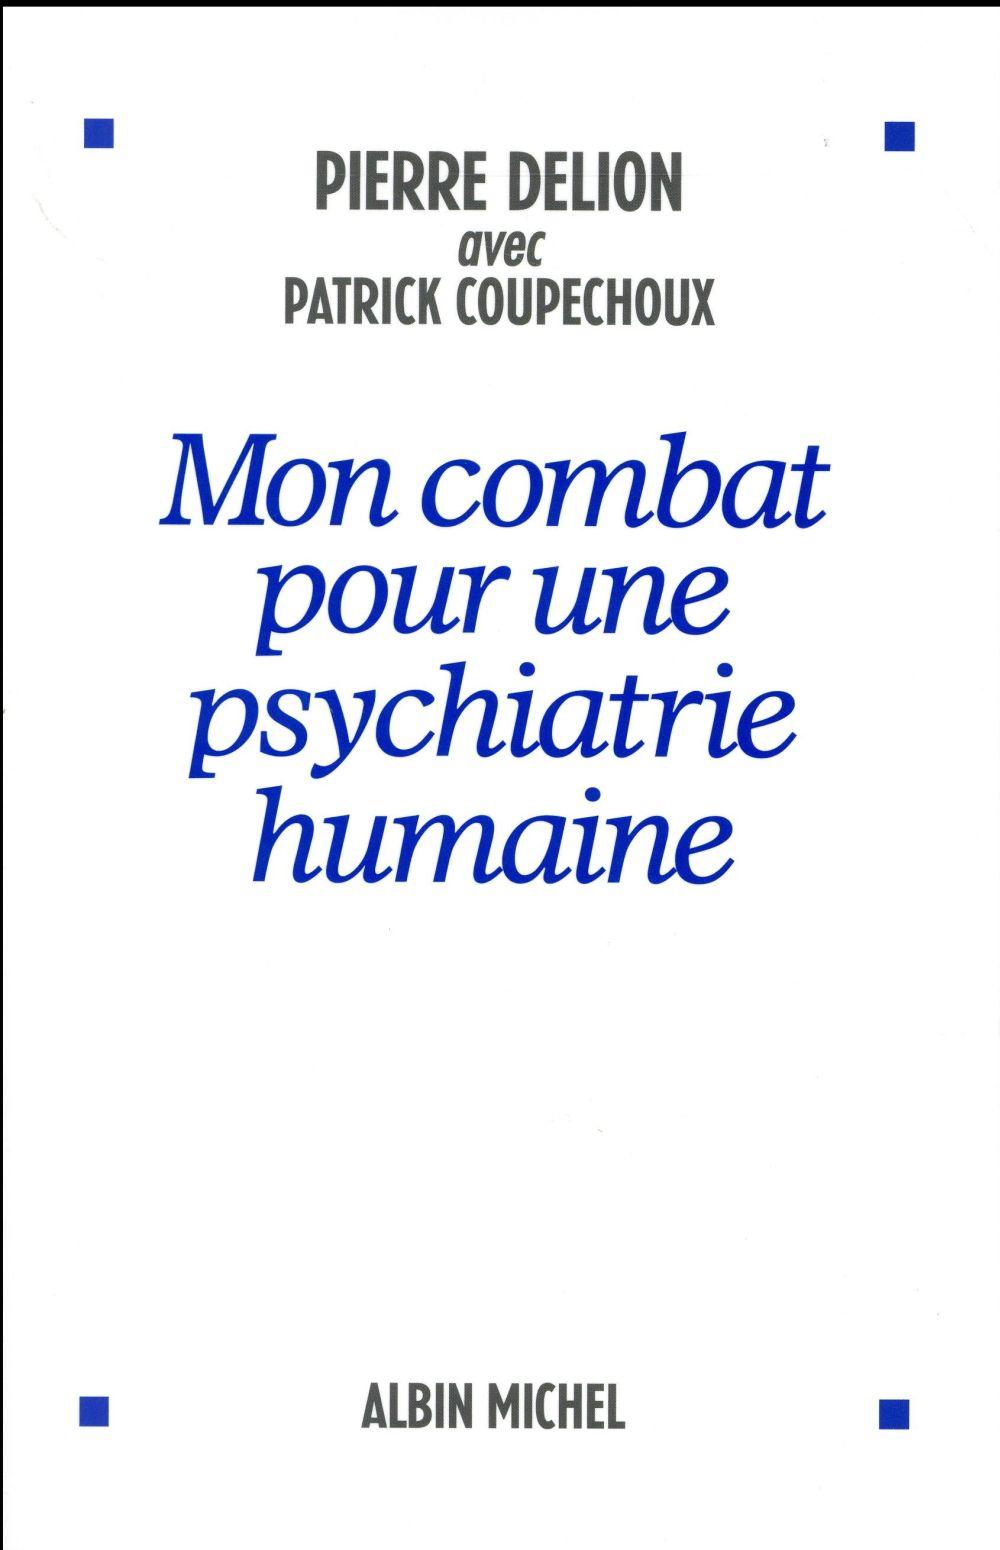 MON COMBAT POUR UNE PSYCHIATRIE HUMAINE DELION/COUPECHOUX Albin Michel